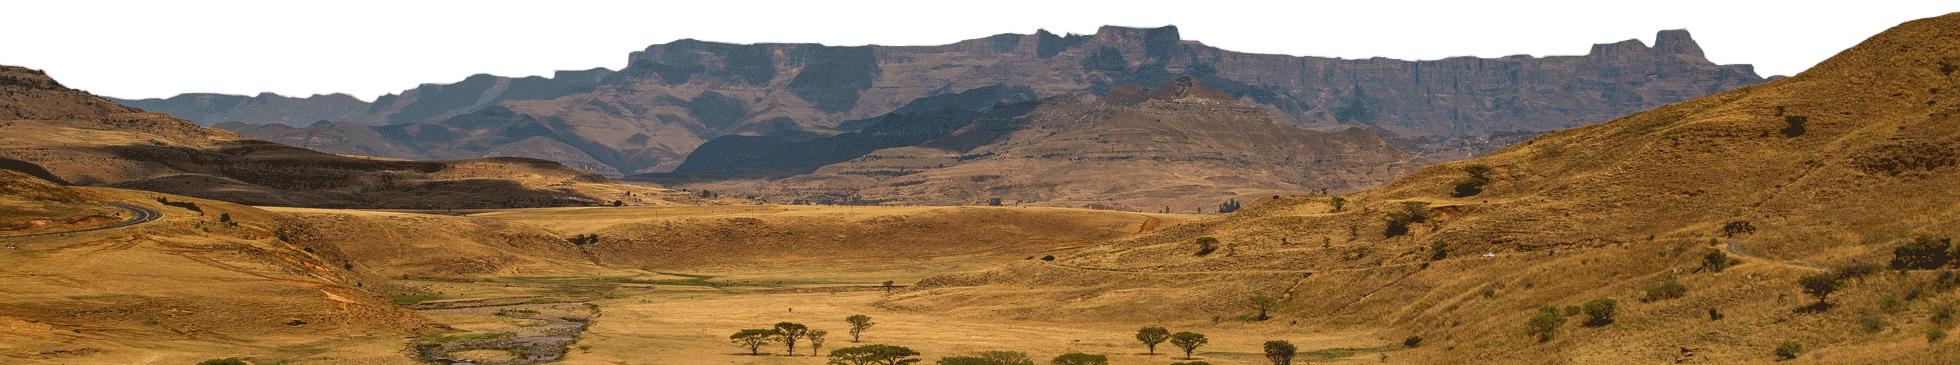 Visuel horizontal voyage Afrique du Sud